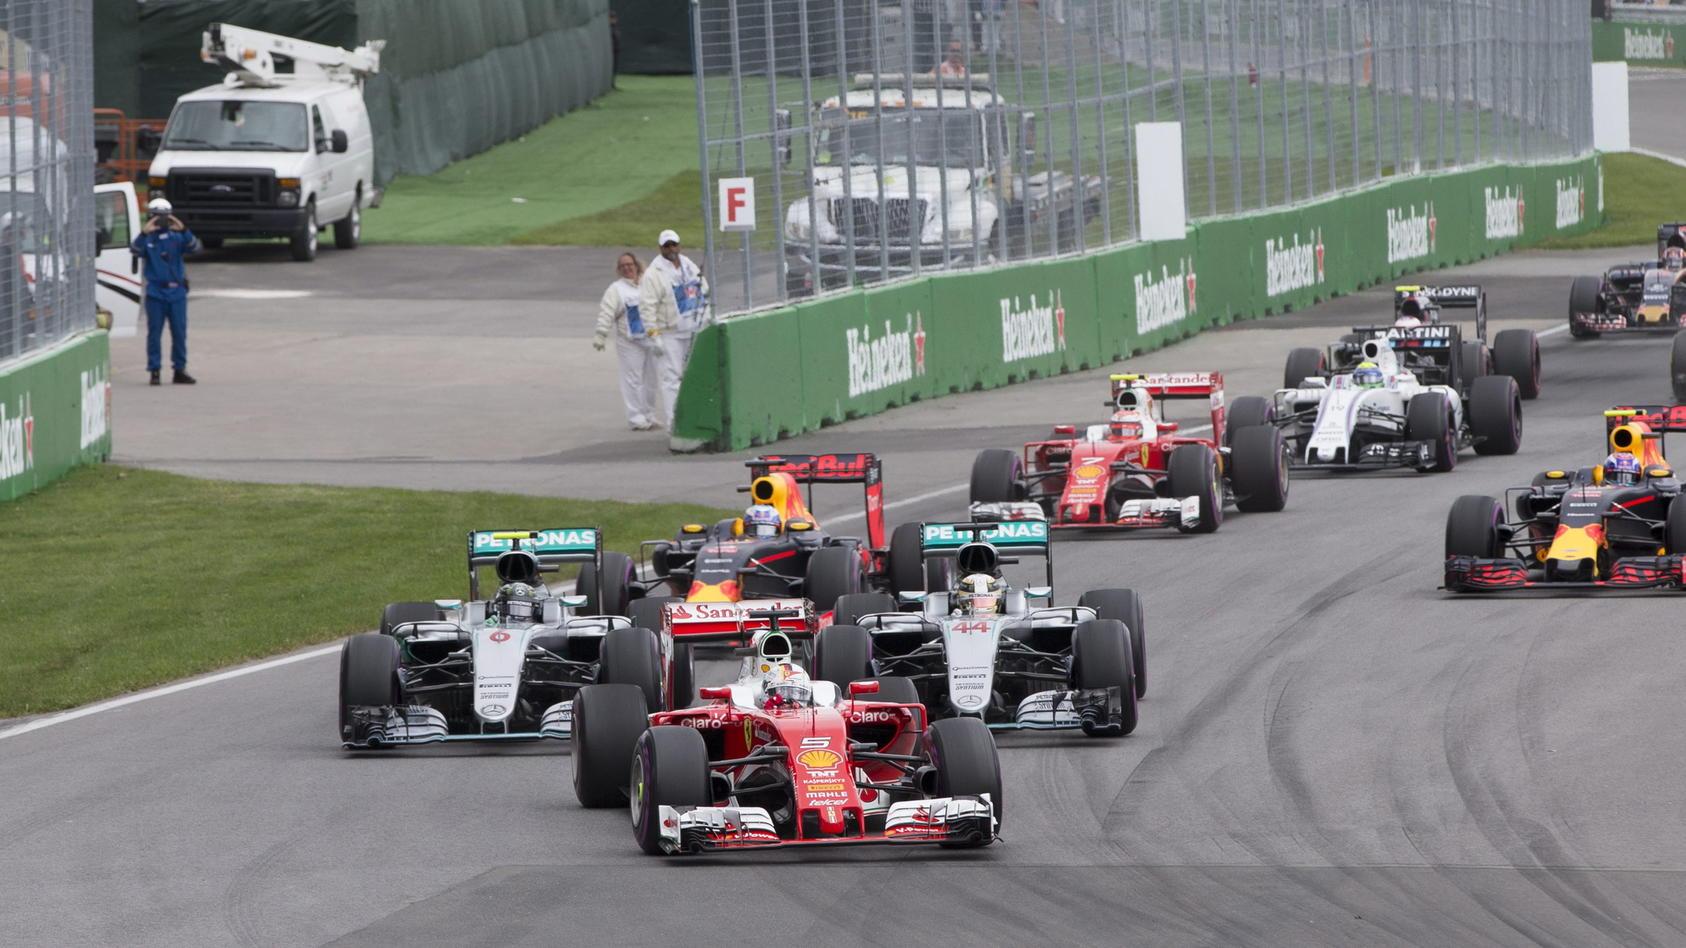 Formel 1 in Kanada